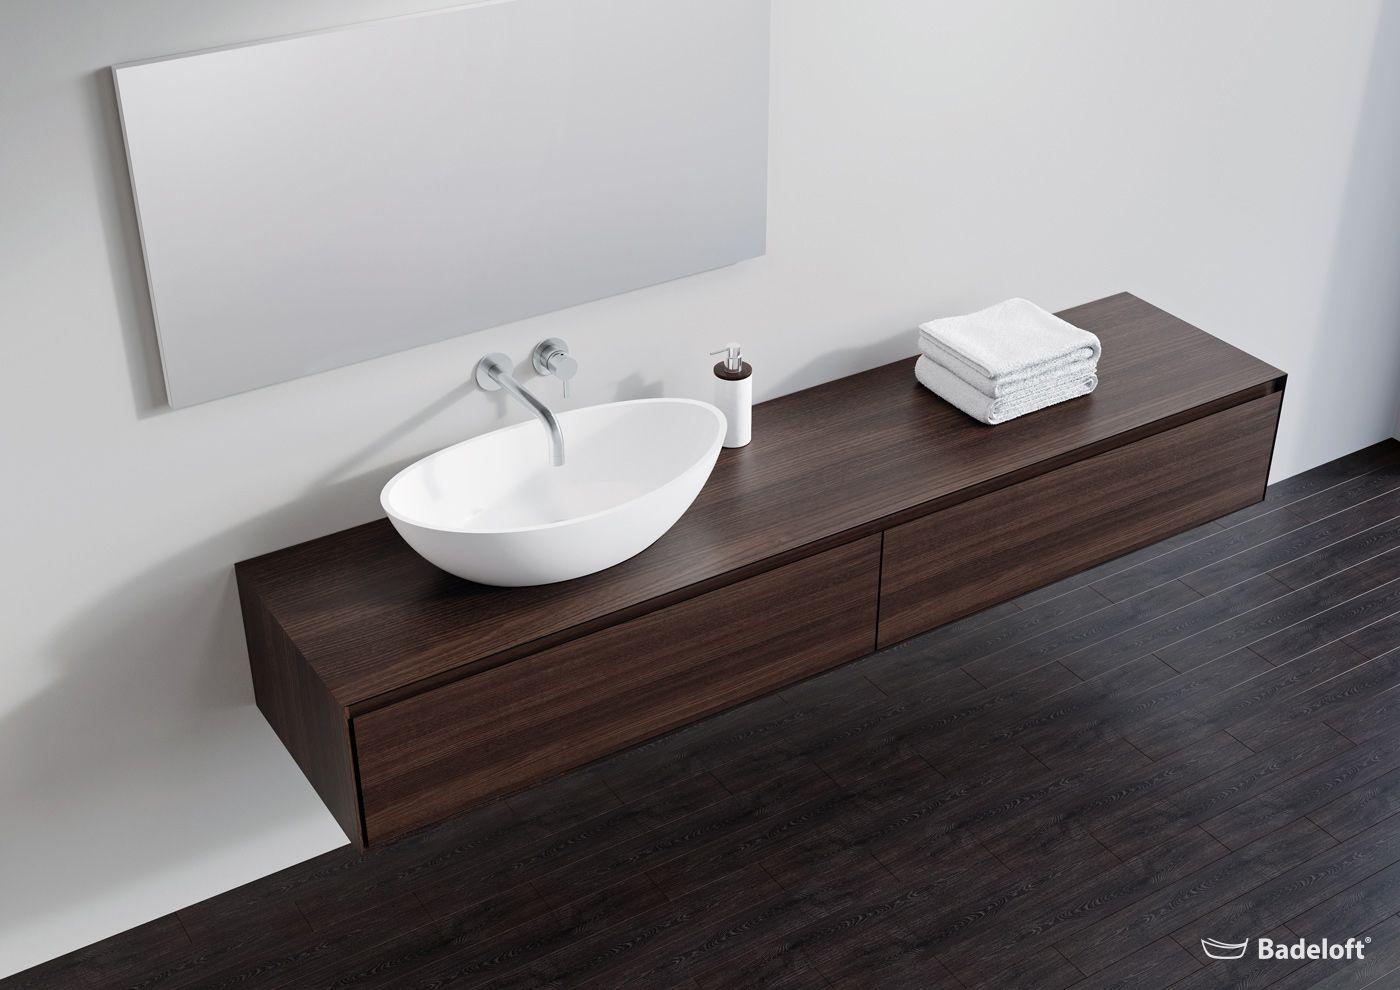 Edle Badezimmer Mobel Aus Mineralguss Und Eiche Natur Und Dunkel Eiche Natur Badezimmer Mobel Badezimmer